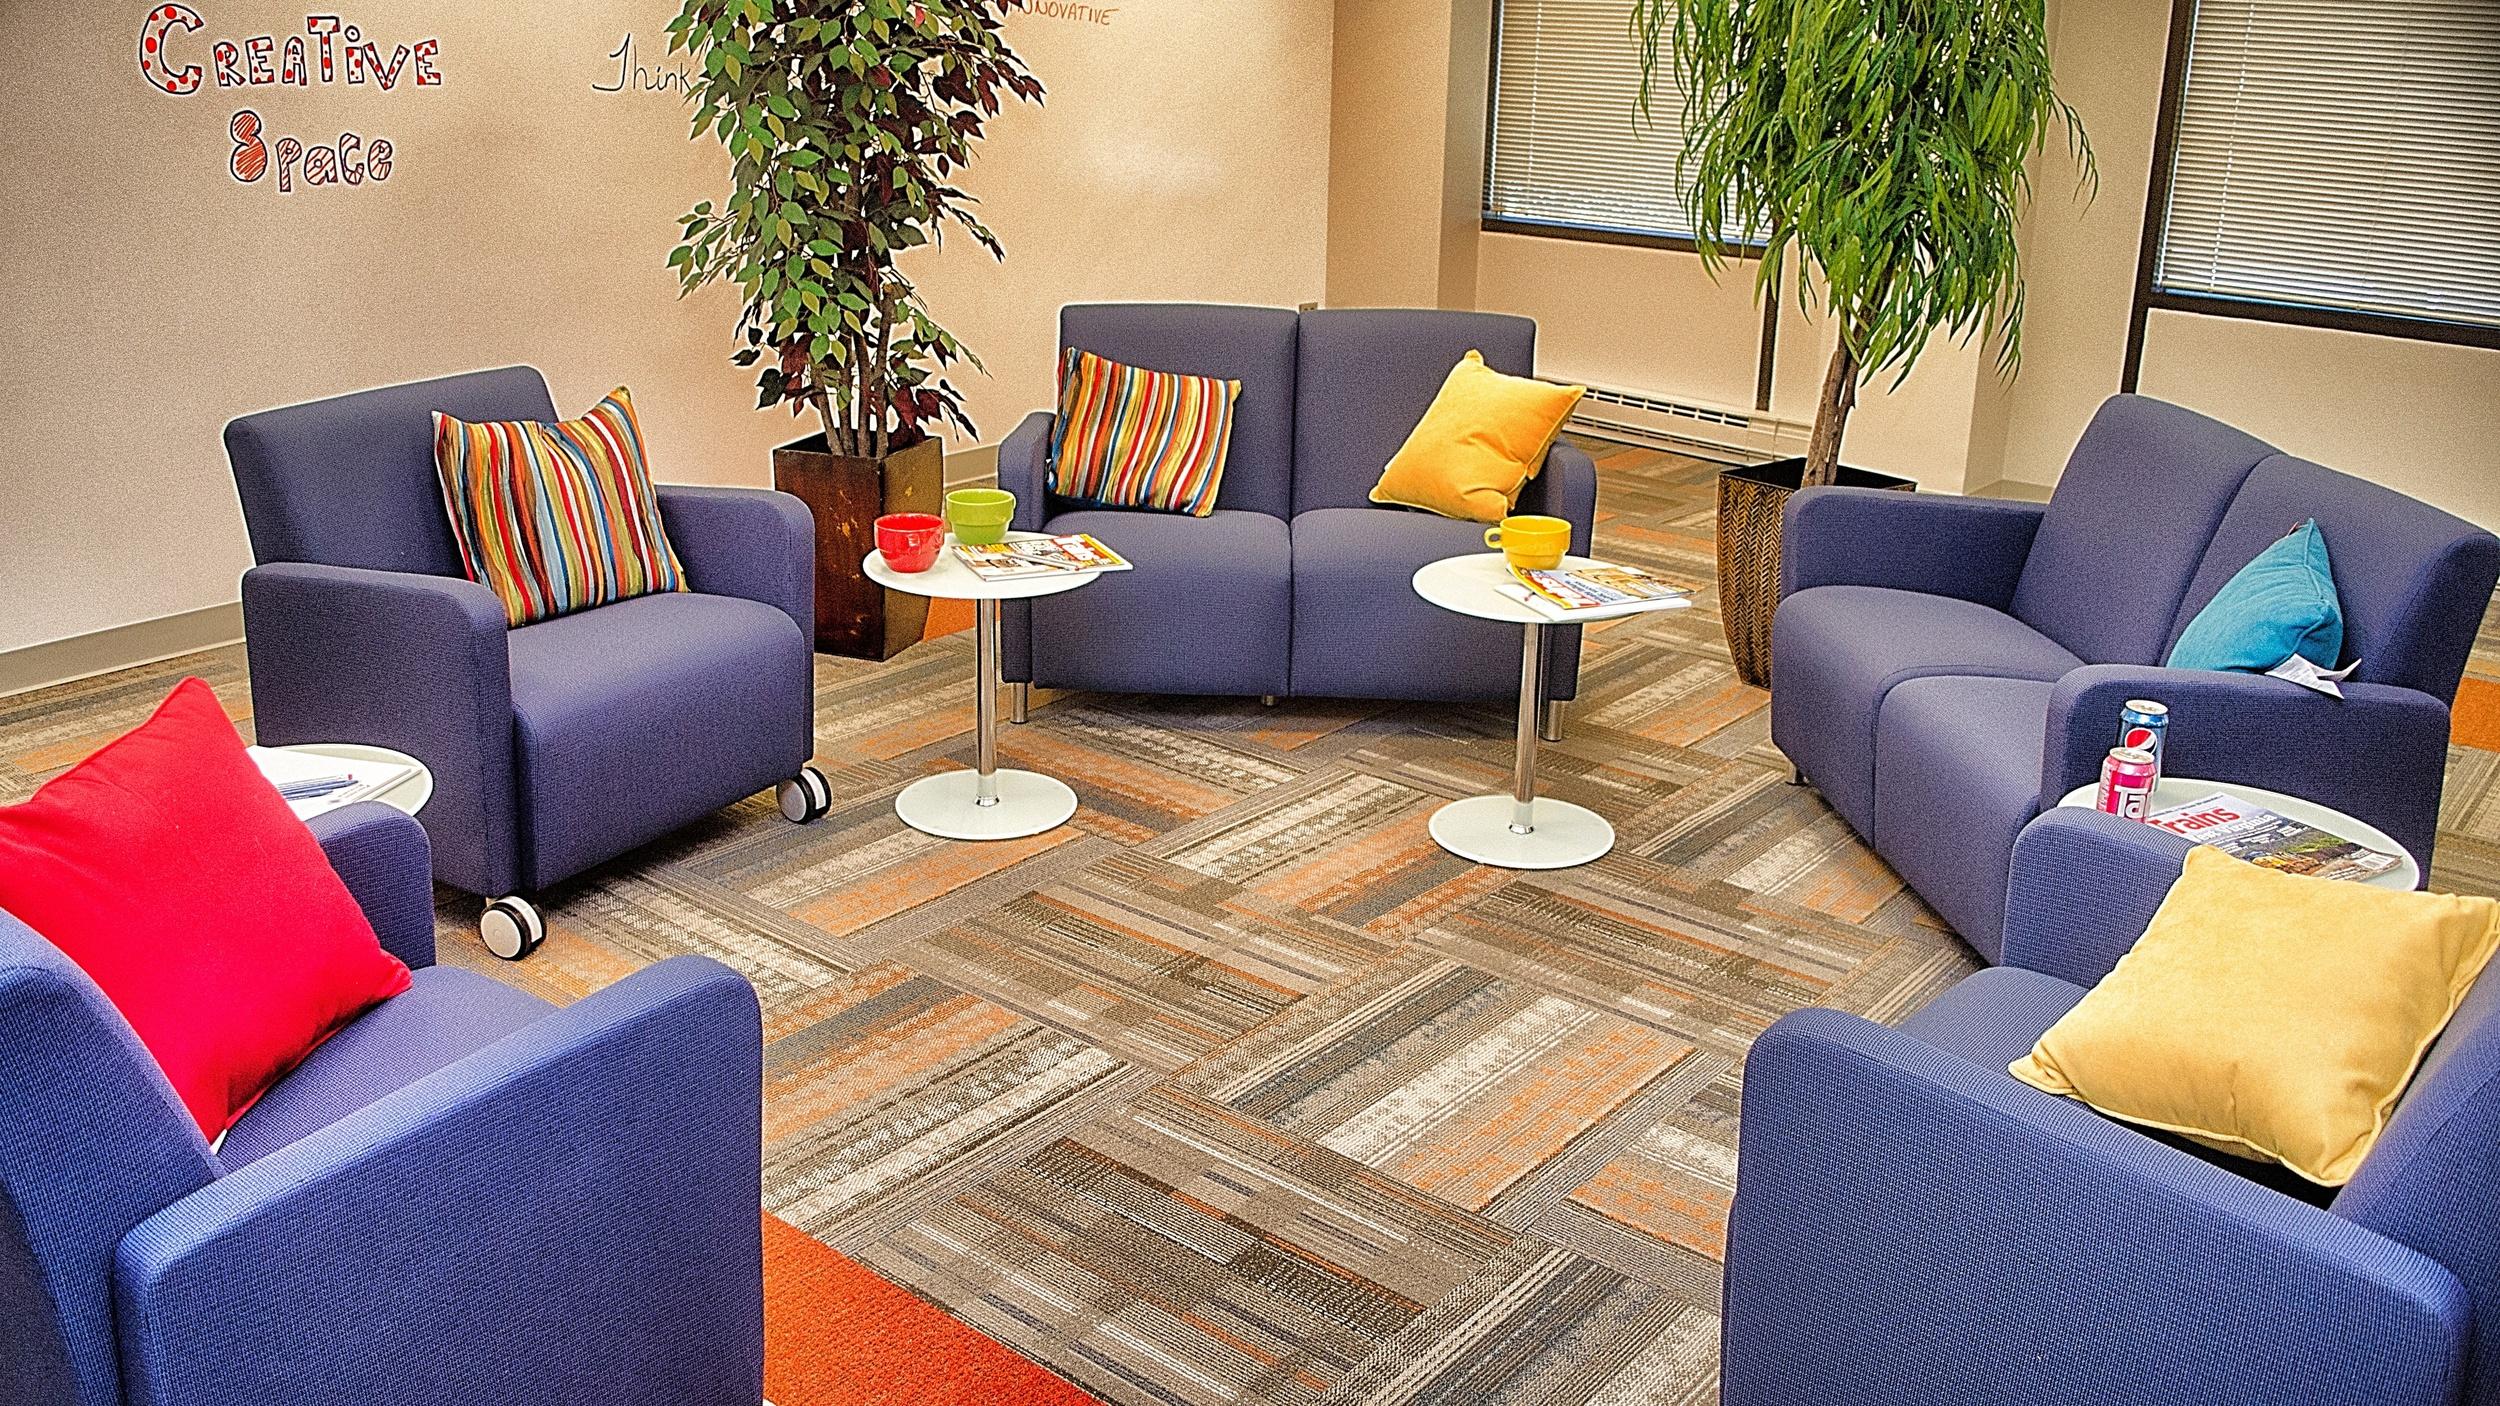 6 Living Room Setting.jpg